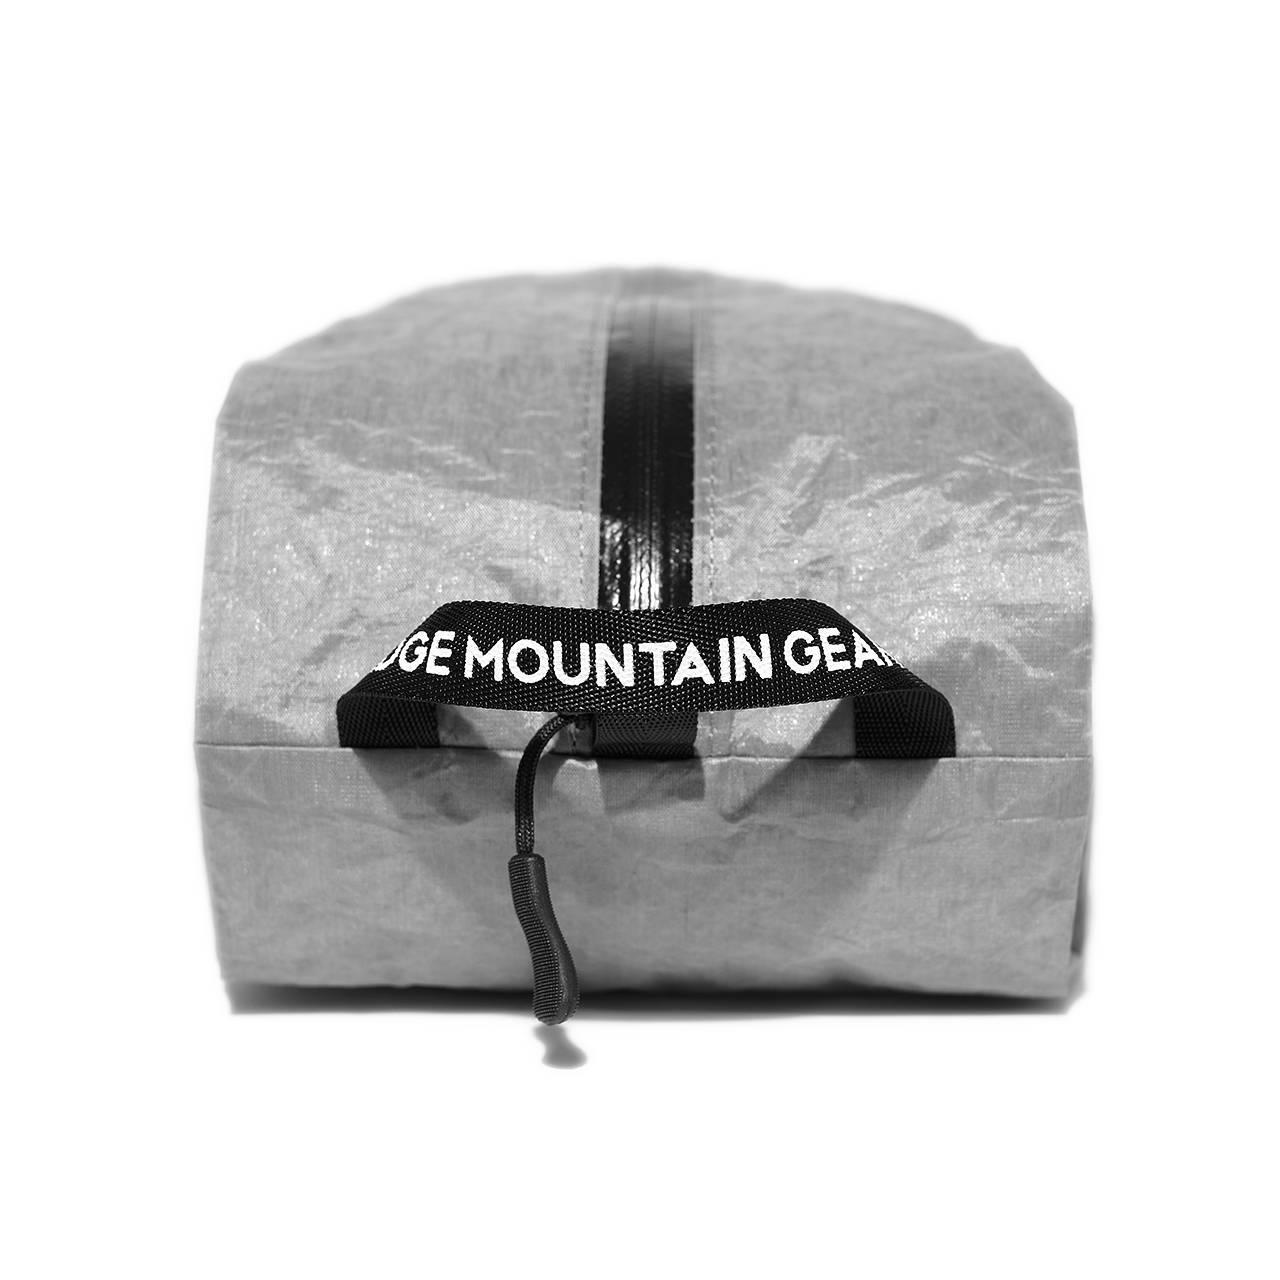 RIDGE MOUNTAIN GEAR(リッジマウンテンギア)/ケース M/ブラック